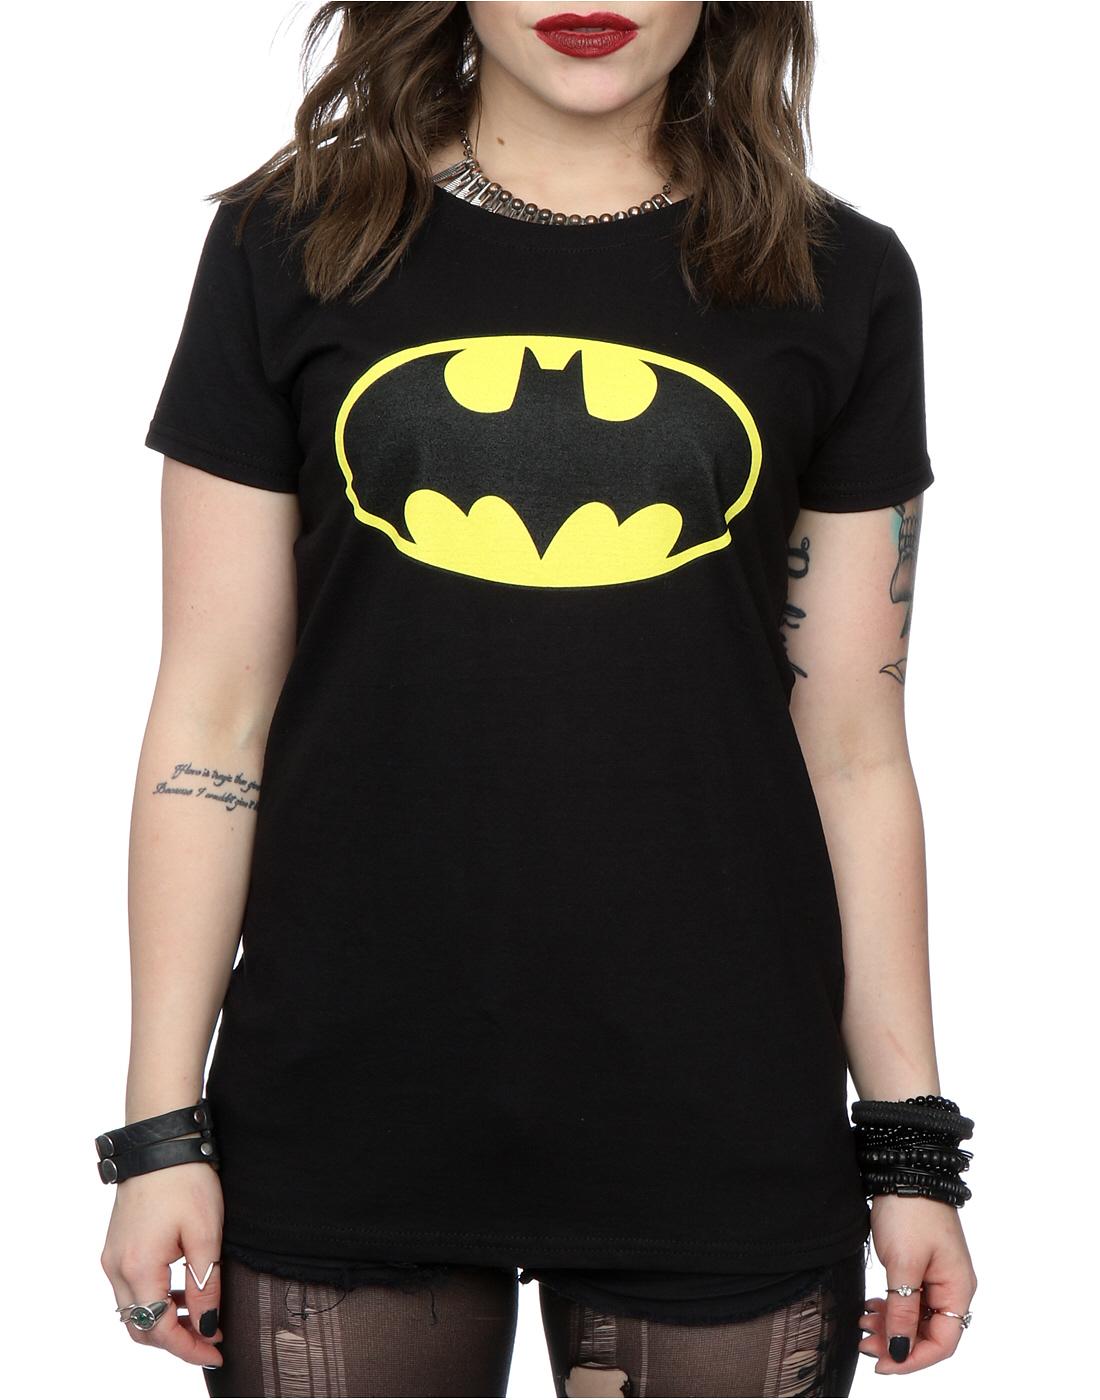 Batman Shirts For Women